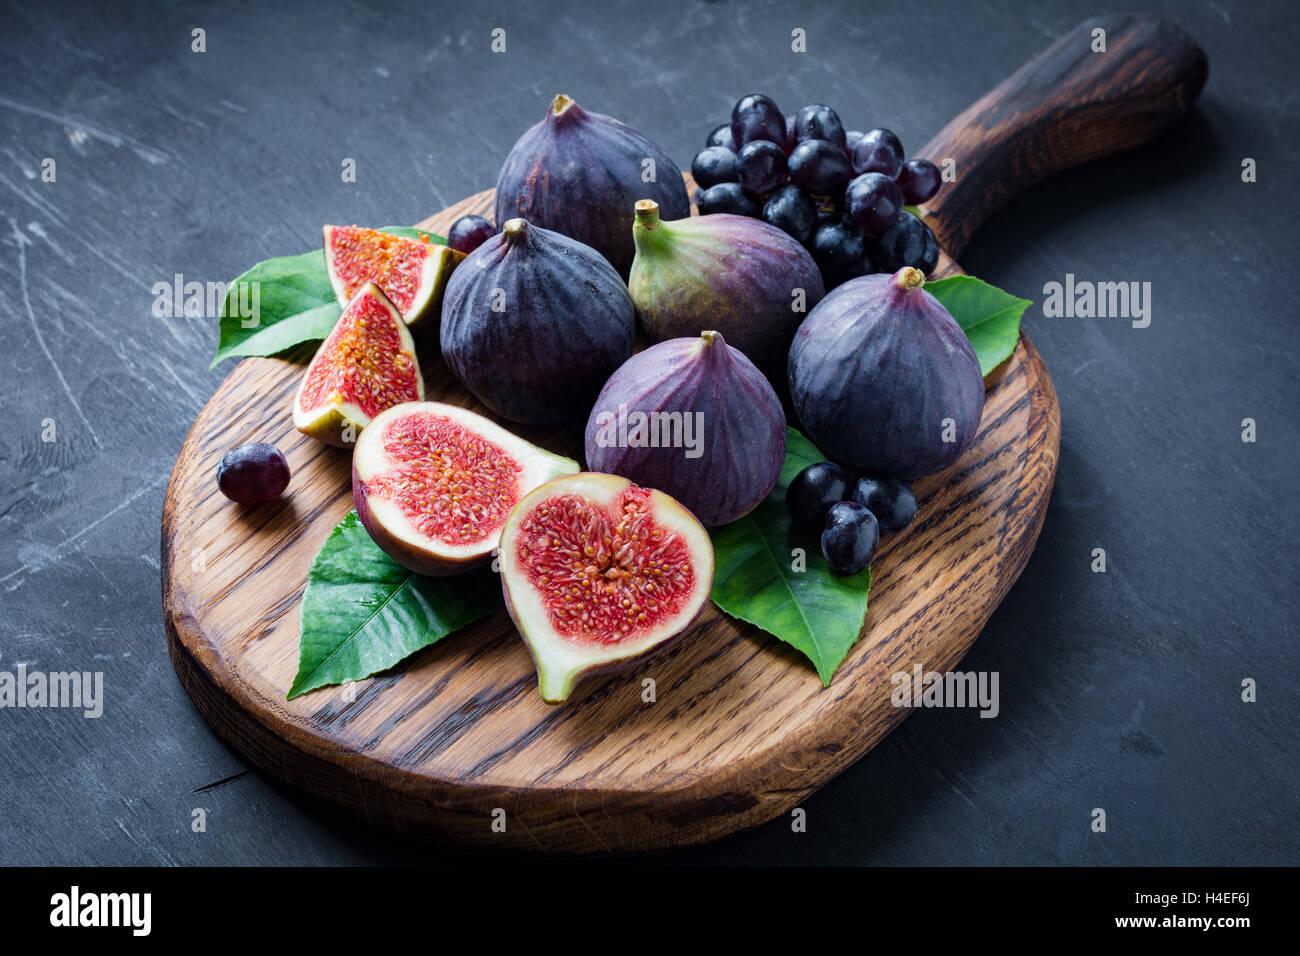 Plato de frutas: higos frescos y uvas negras 'Isabella' en la tabla de cortar de madera. Horizontal Imagen De Stock